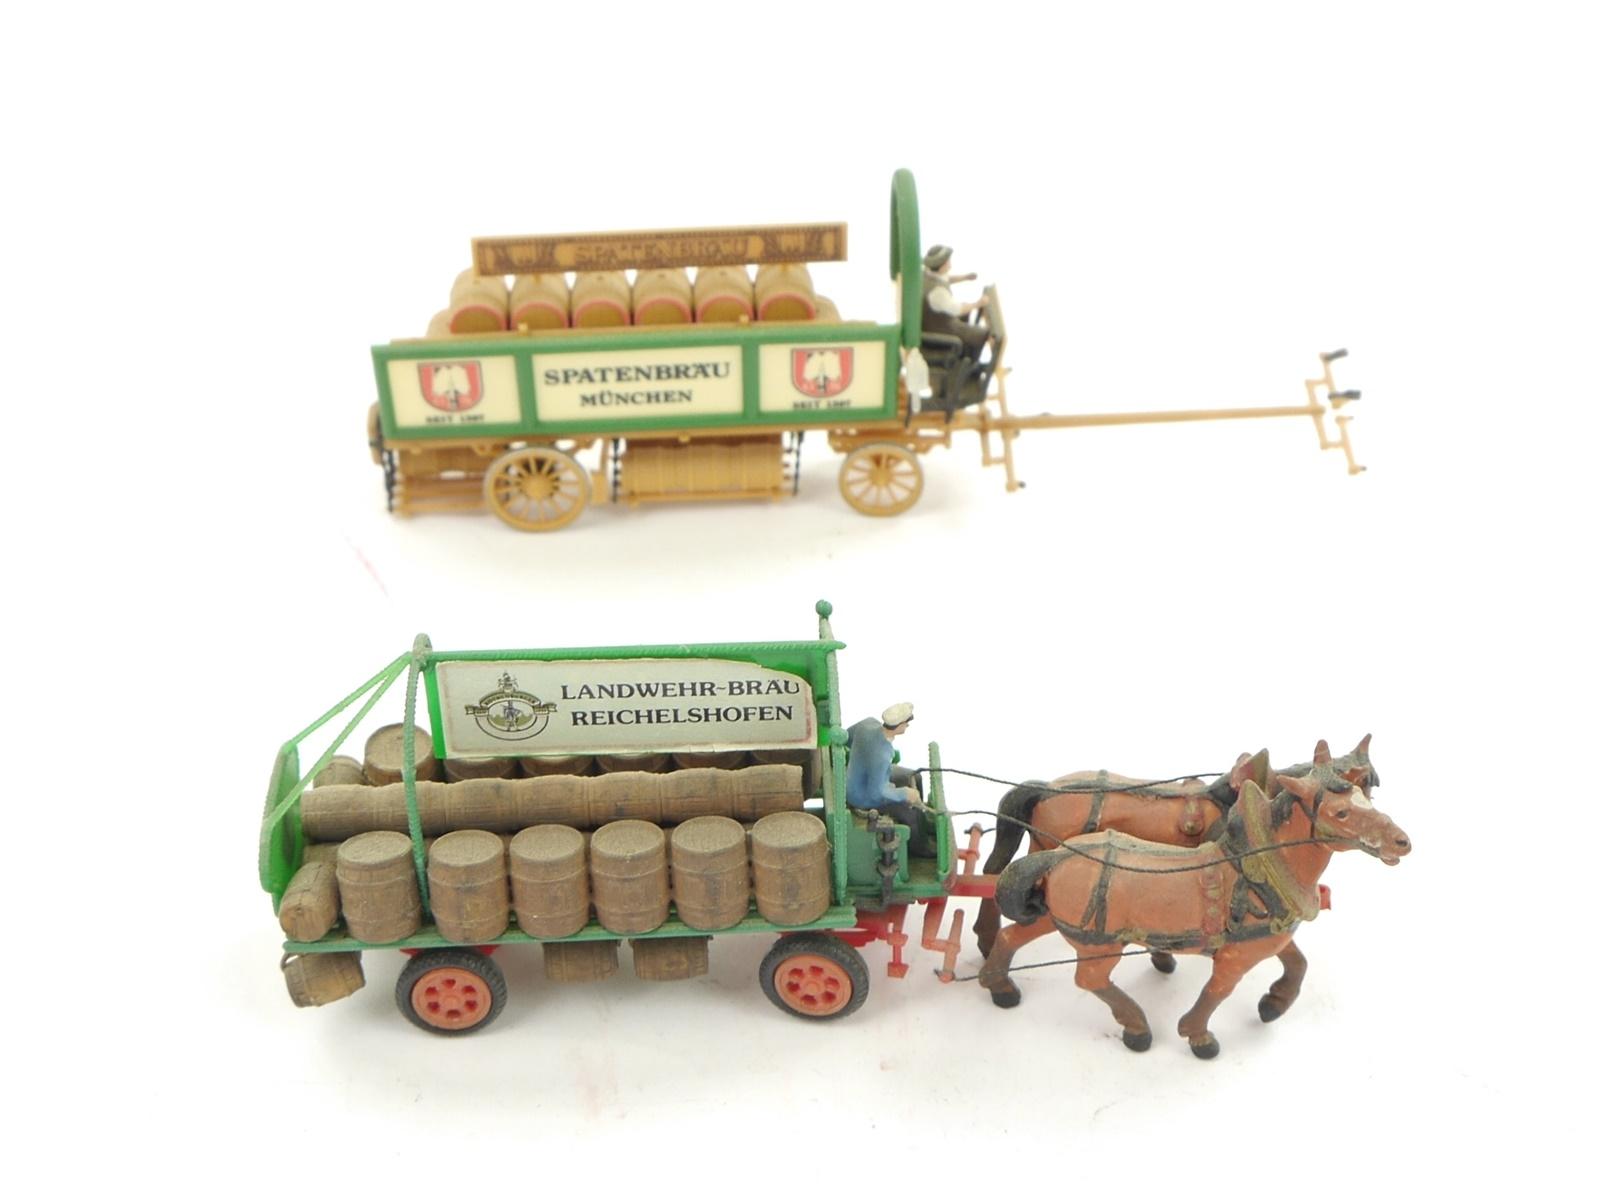 E116 Preiser H0 2x Figuren Pferdegespann Brauereiwagen Spatenbräu Reichelshofen